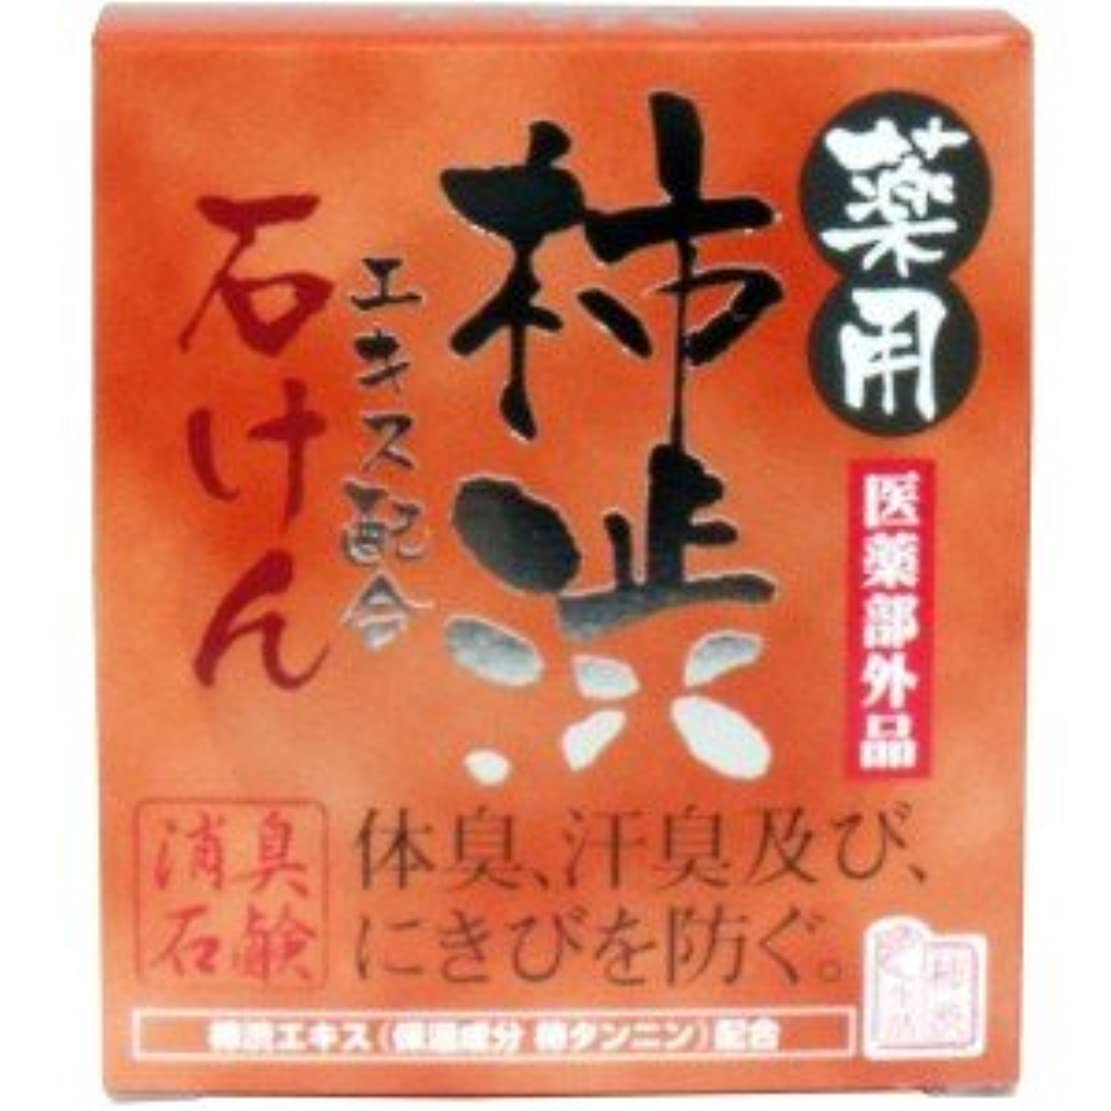 メトロポリタン引き算泥(2017年春の新商品)(マックス)薬用 柿渋エキス配合石けん 100g(医薬部外品)(お買い得3個セット)